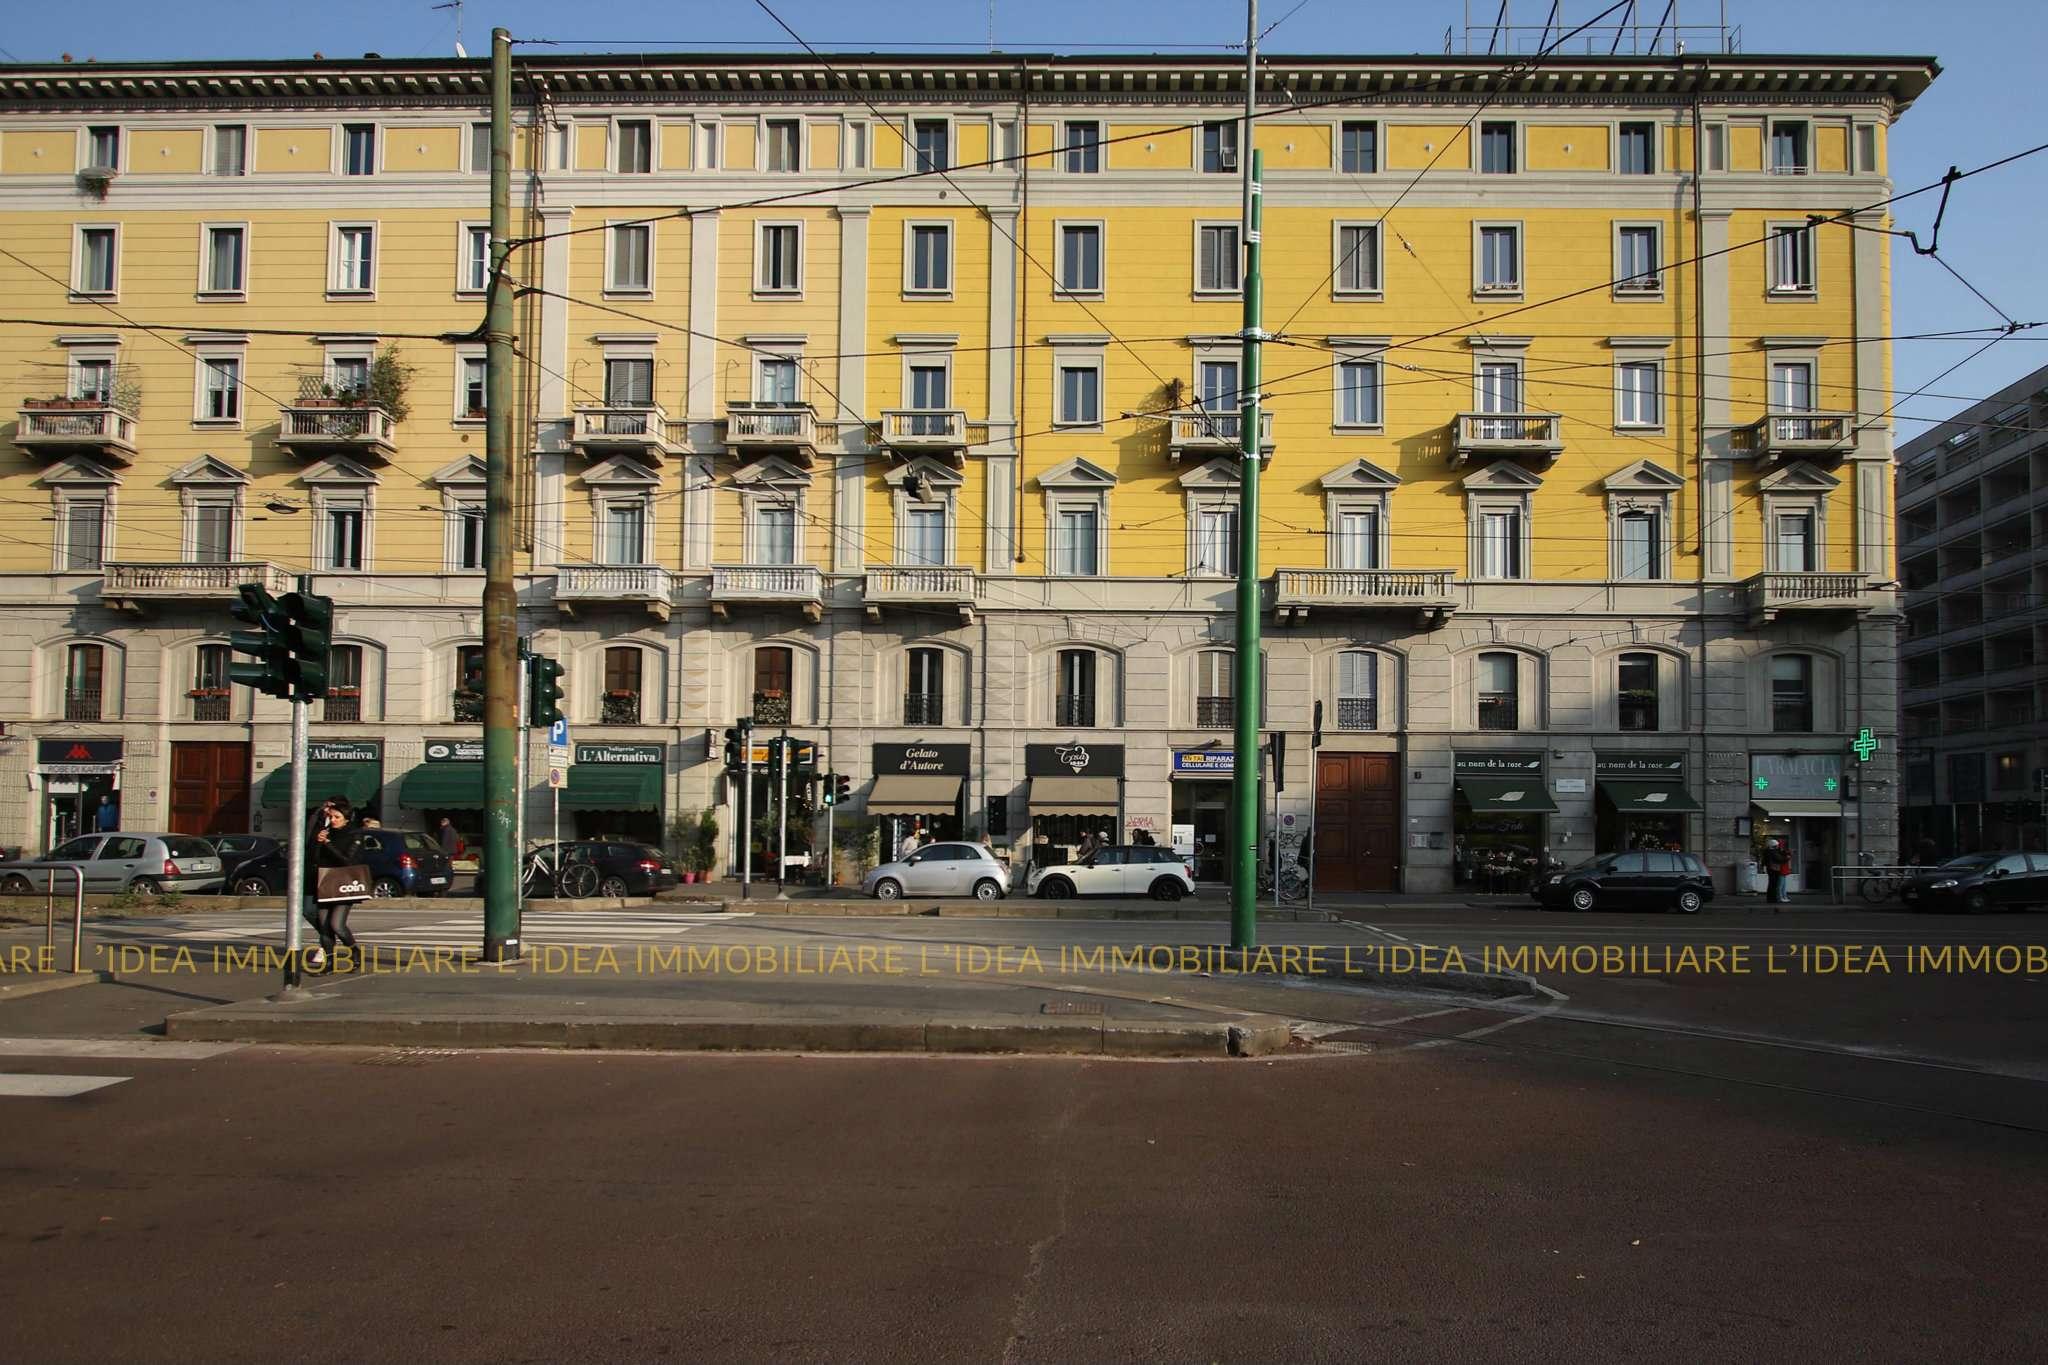 Appartamento in Vendita a Mesero piazza v giornate